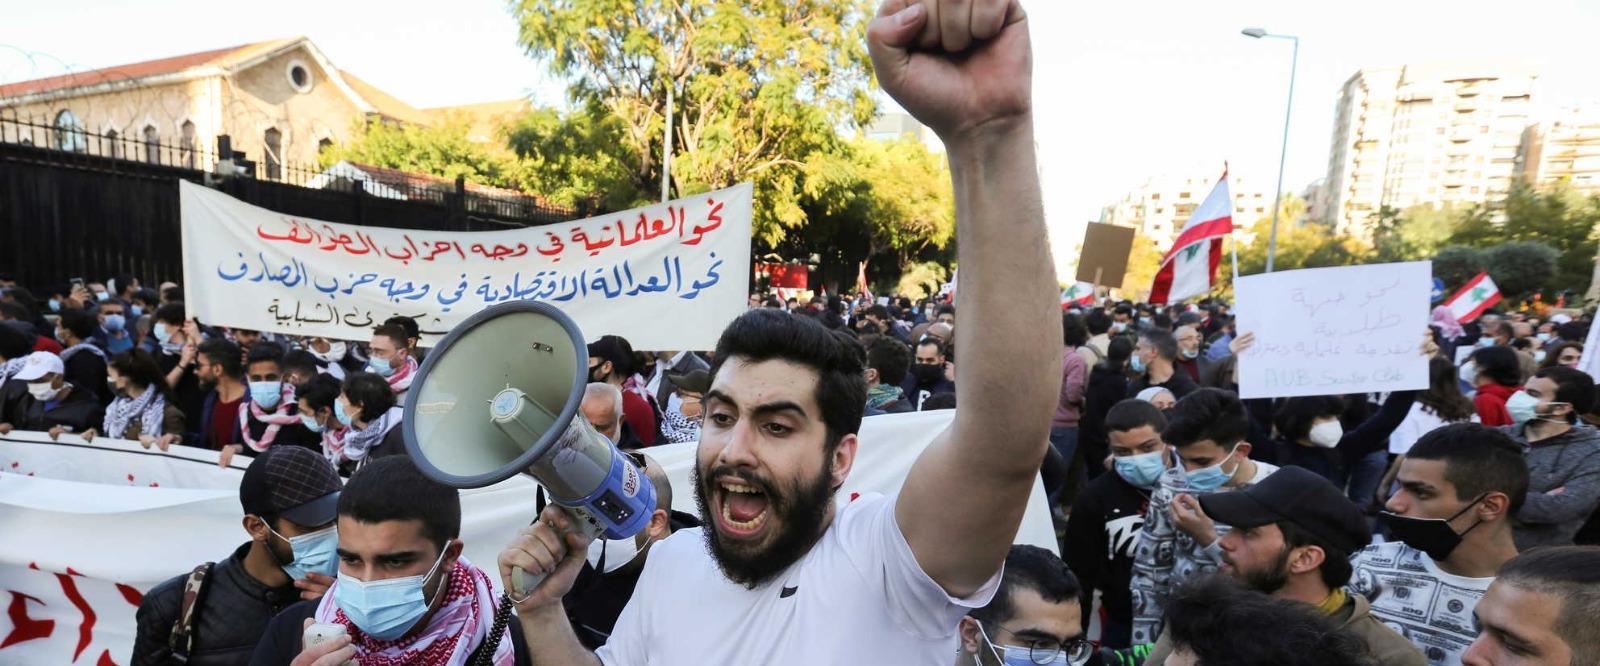 המחאות בלבנון